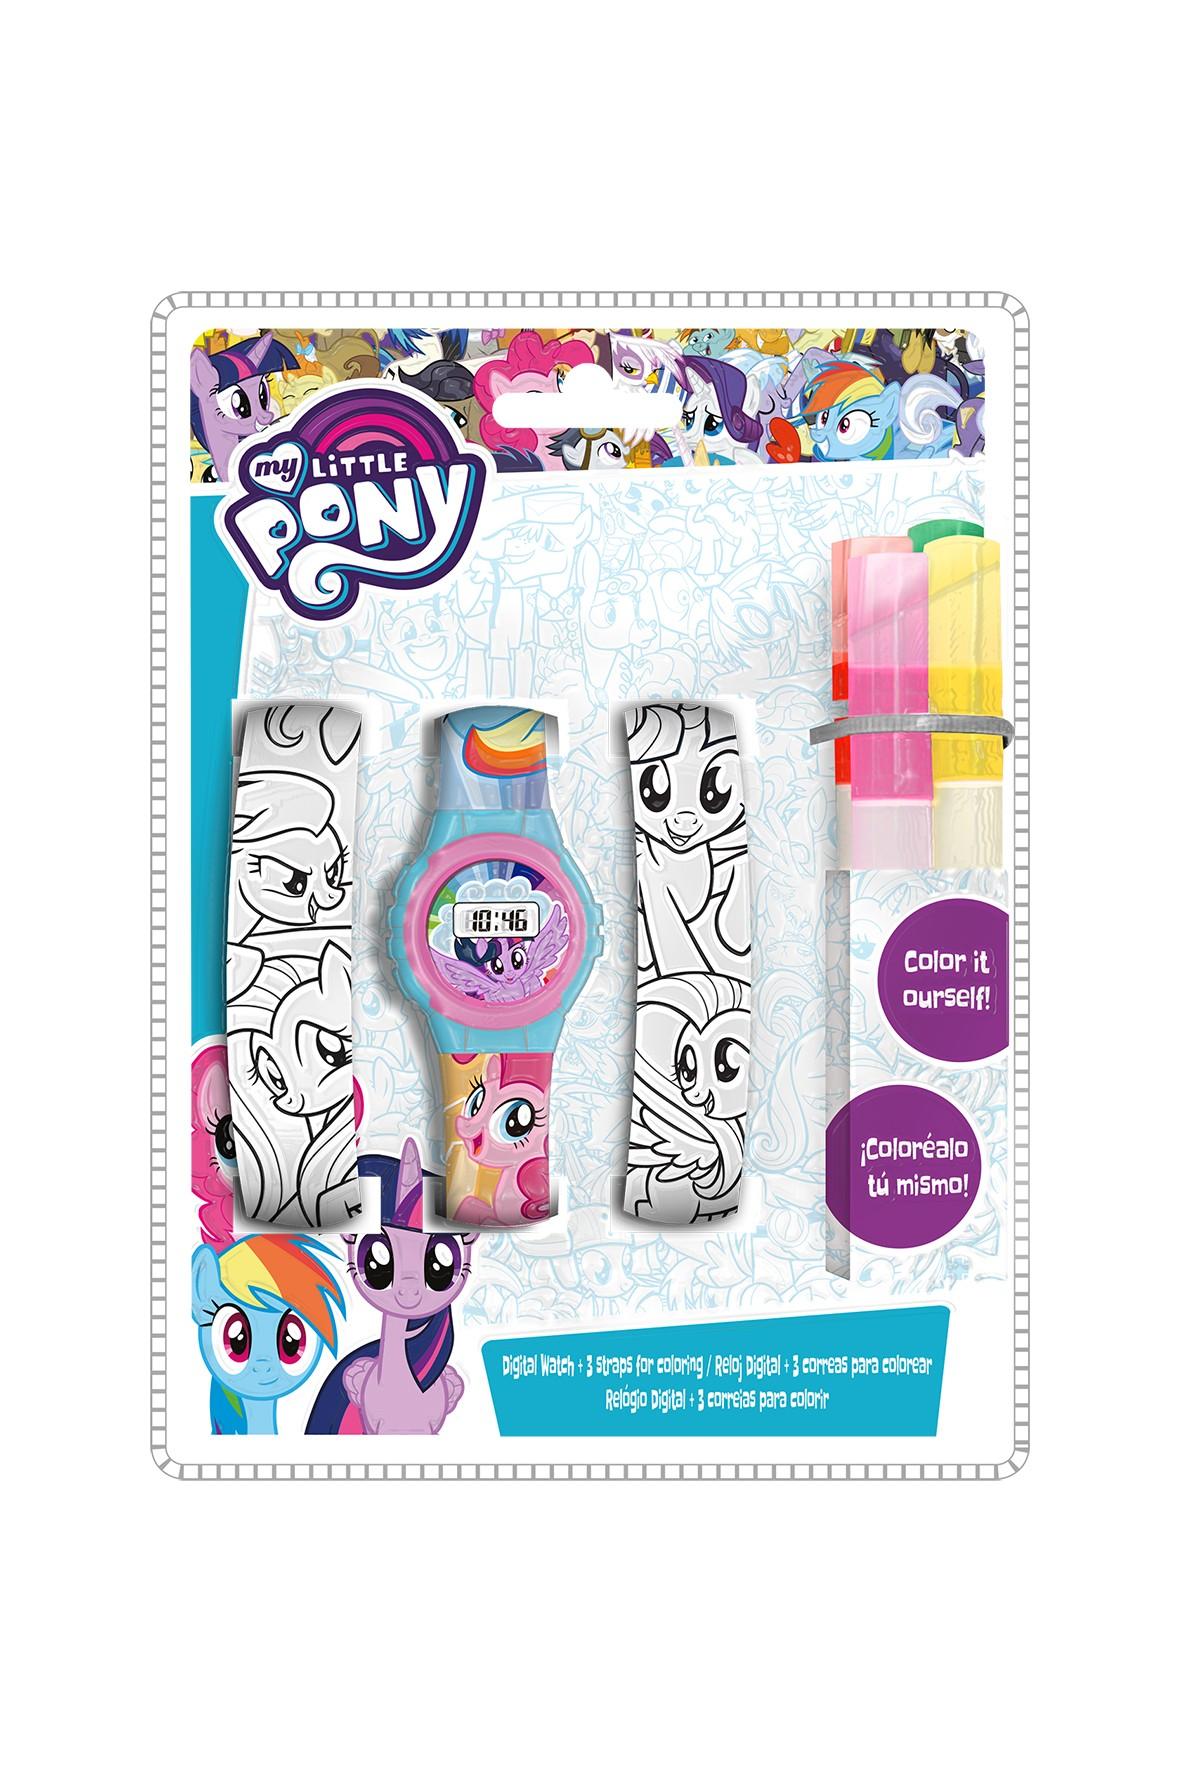 Zestaw zegarek cyfrowy z paskami do kolorowania i markerami My Little Pony